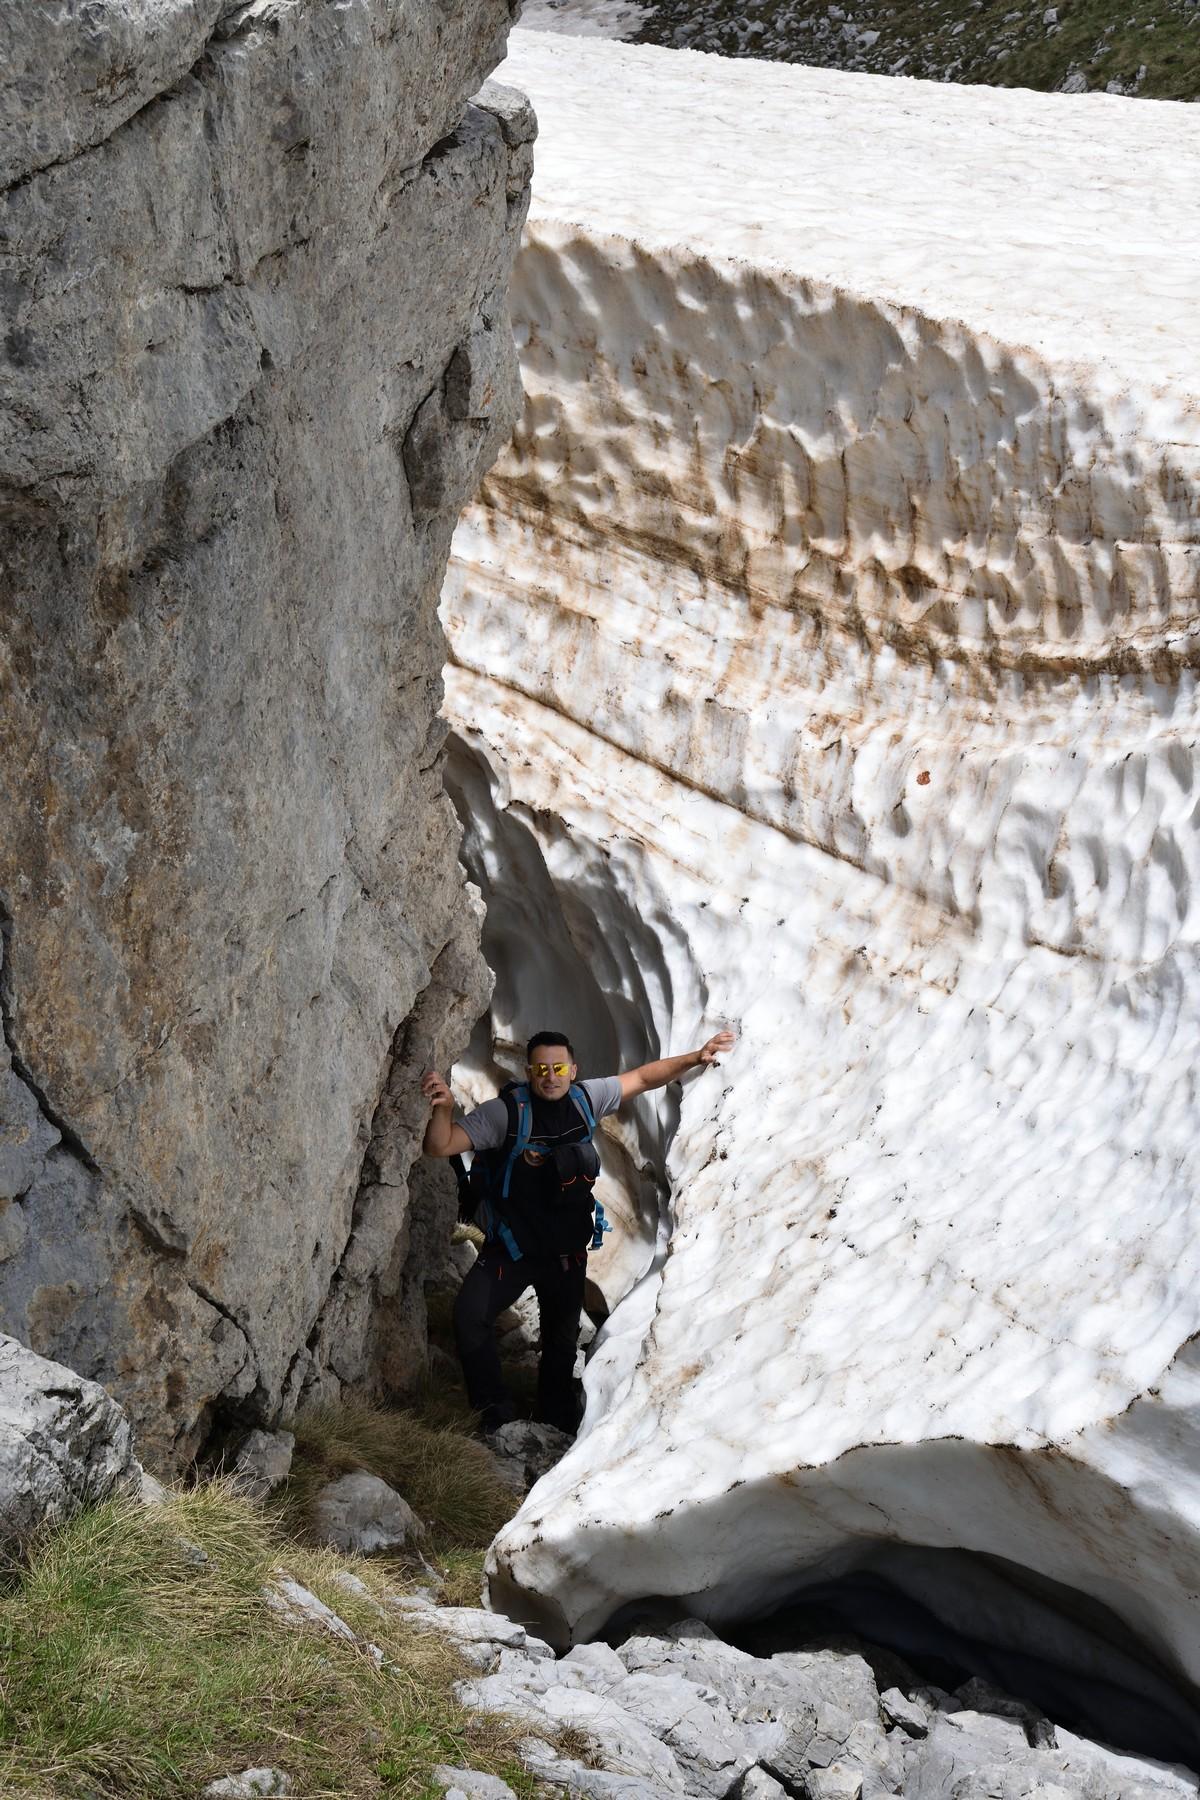 Nuove foto dal nevaio del Pollino - situazione al 27 maggio 2018